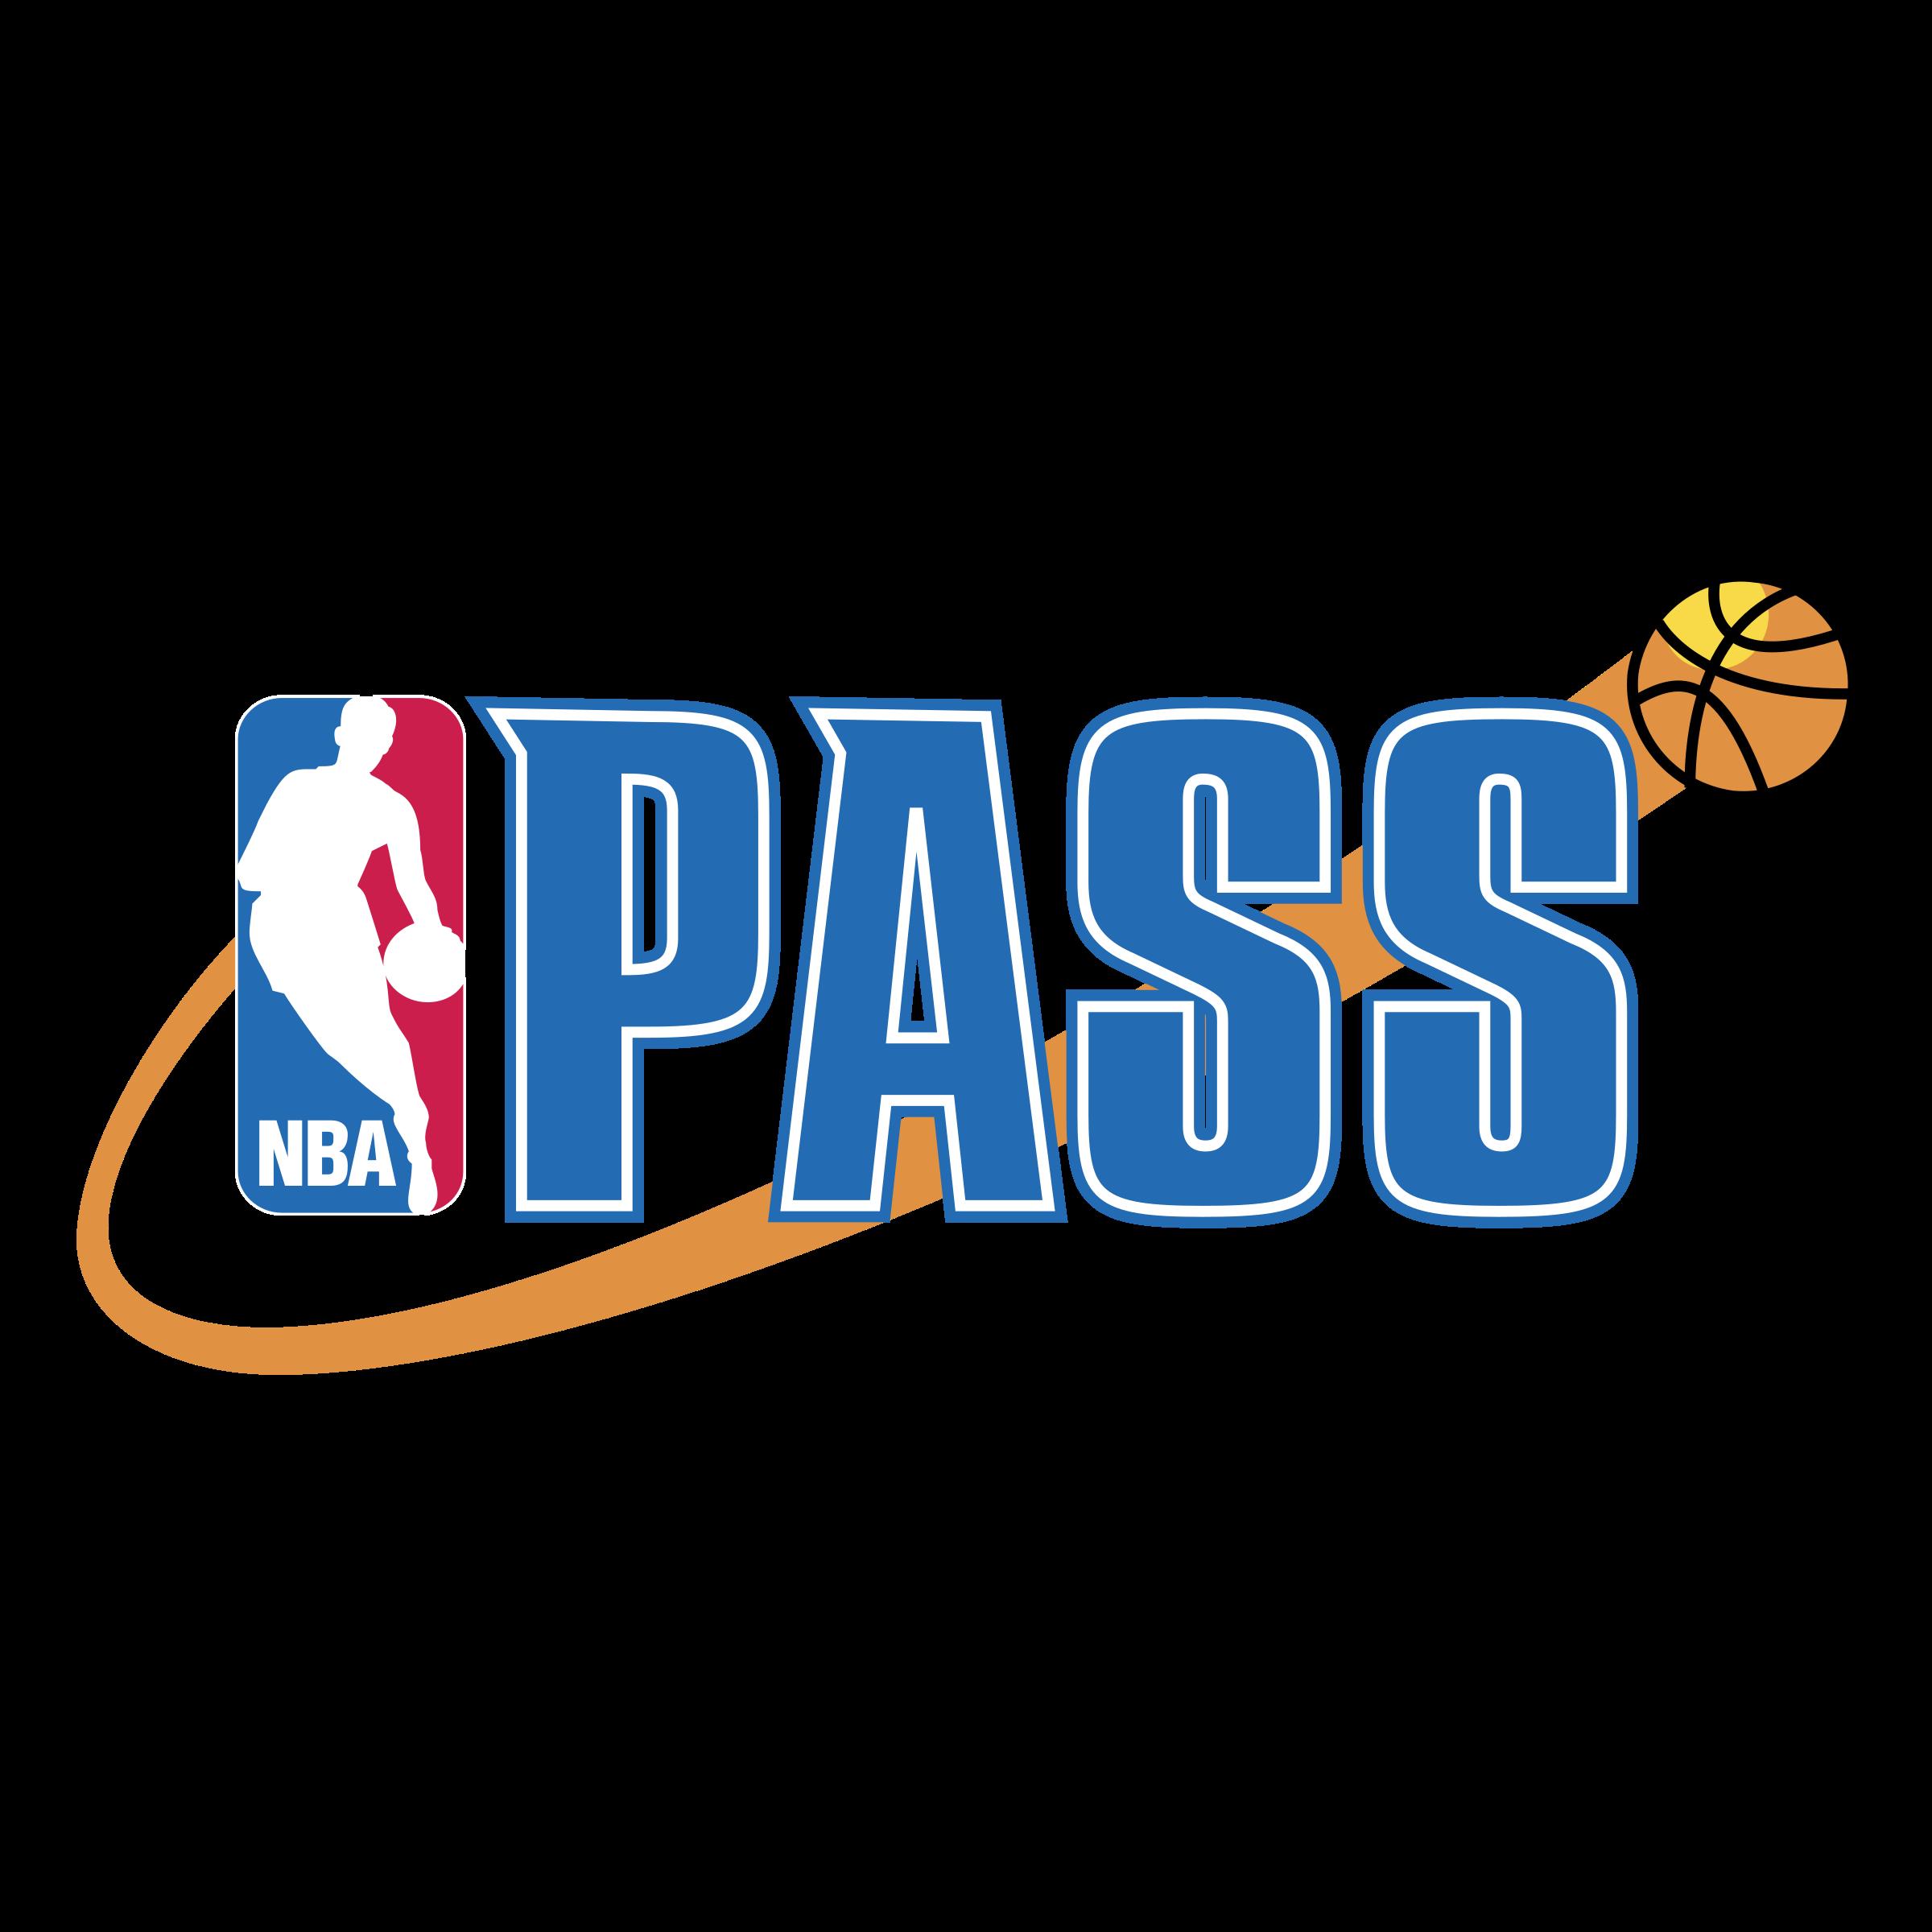 NBA League Pass Logo PNG Transparent & SVG Vector ...